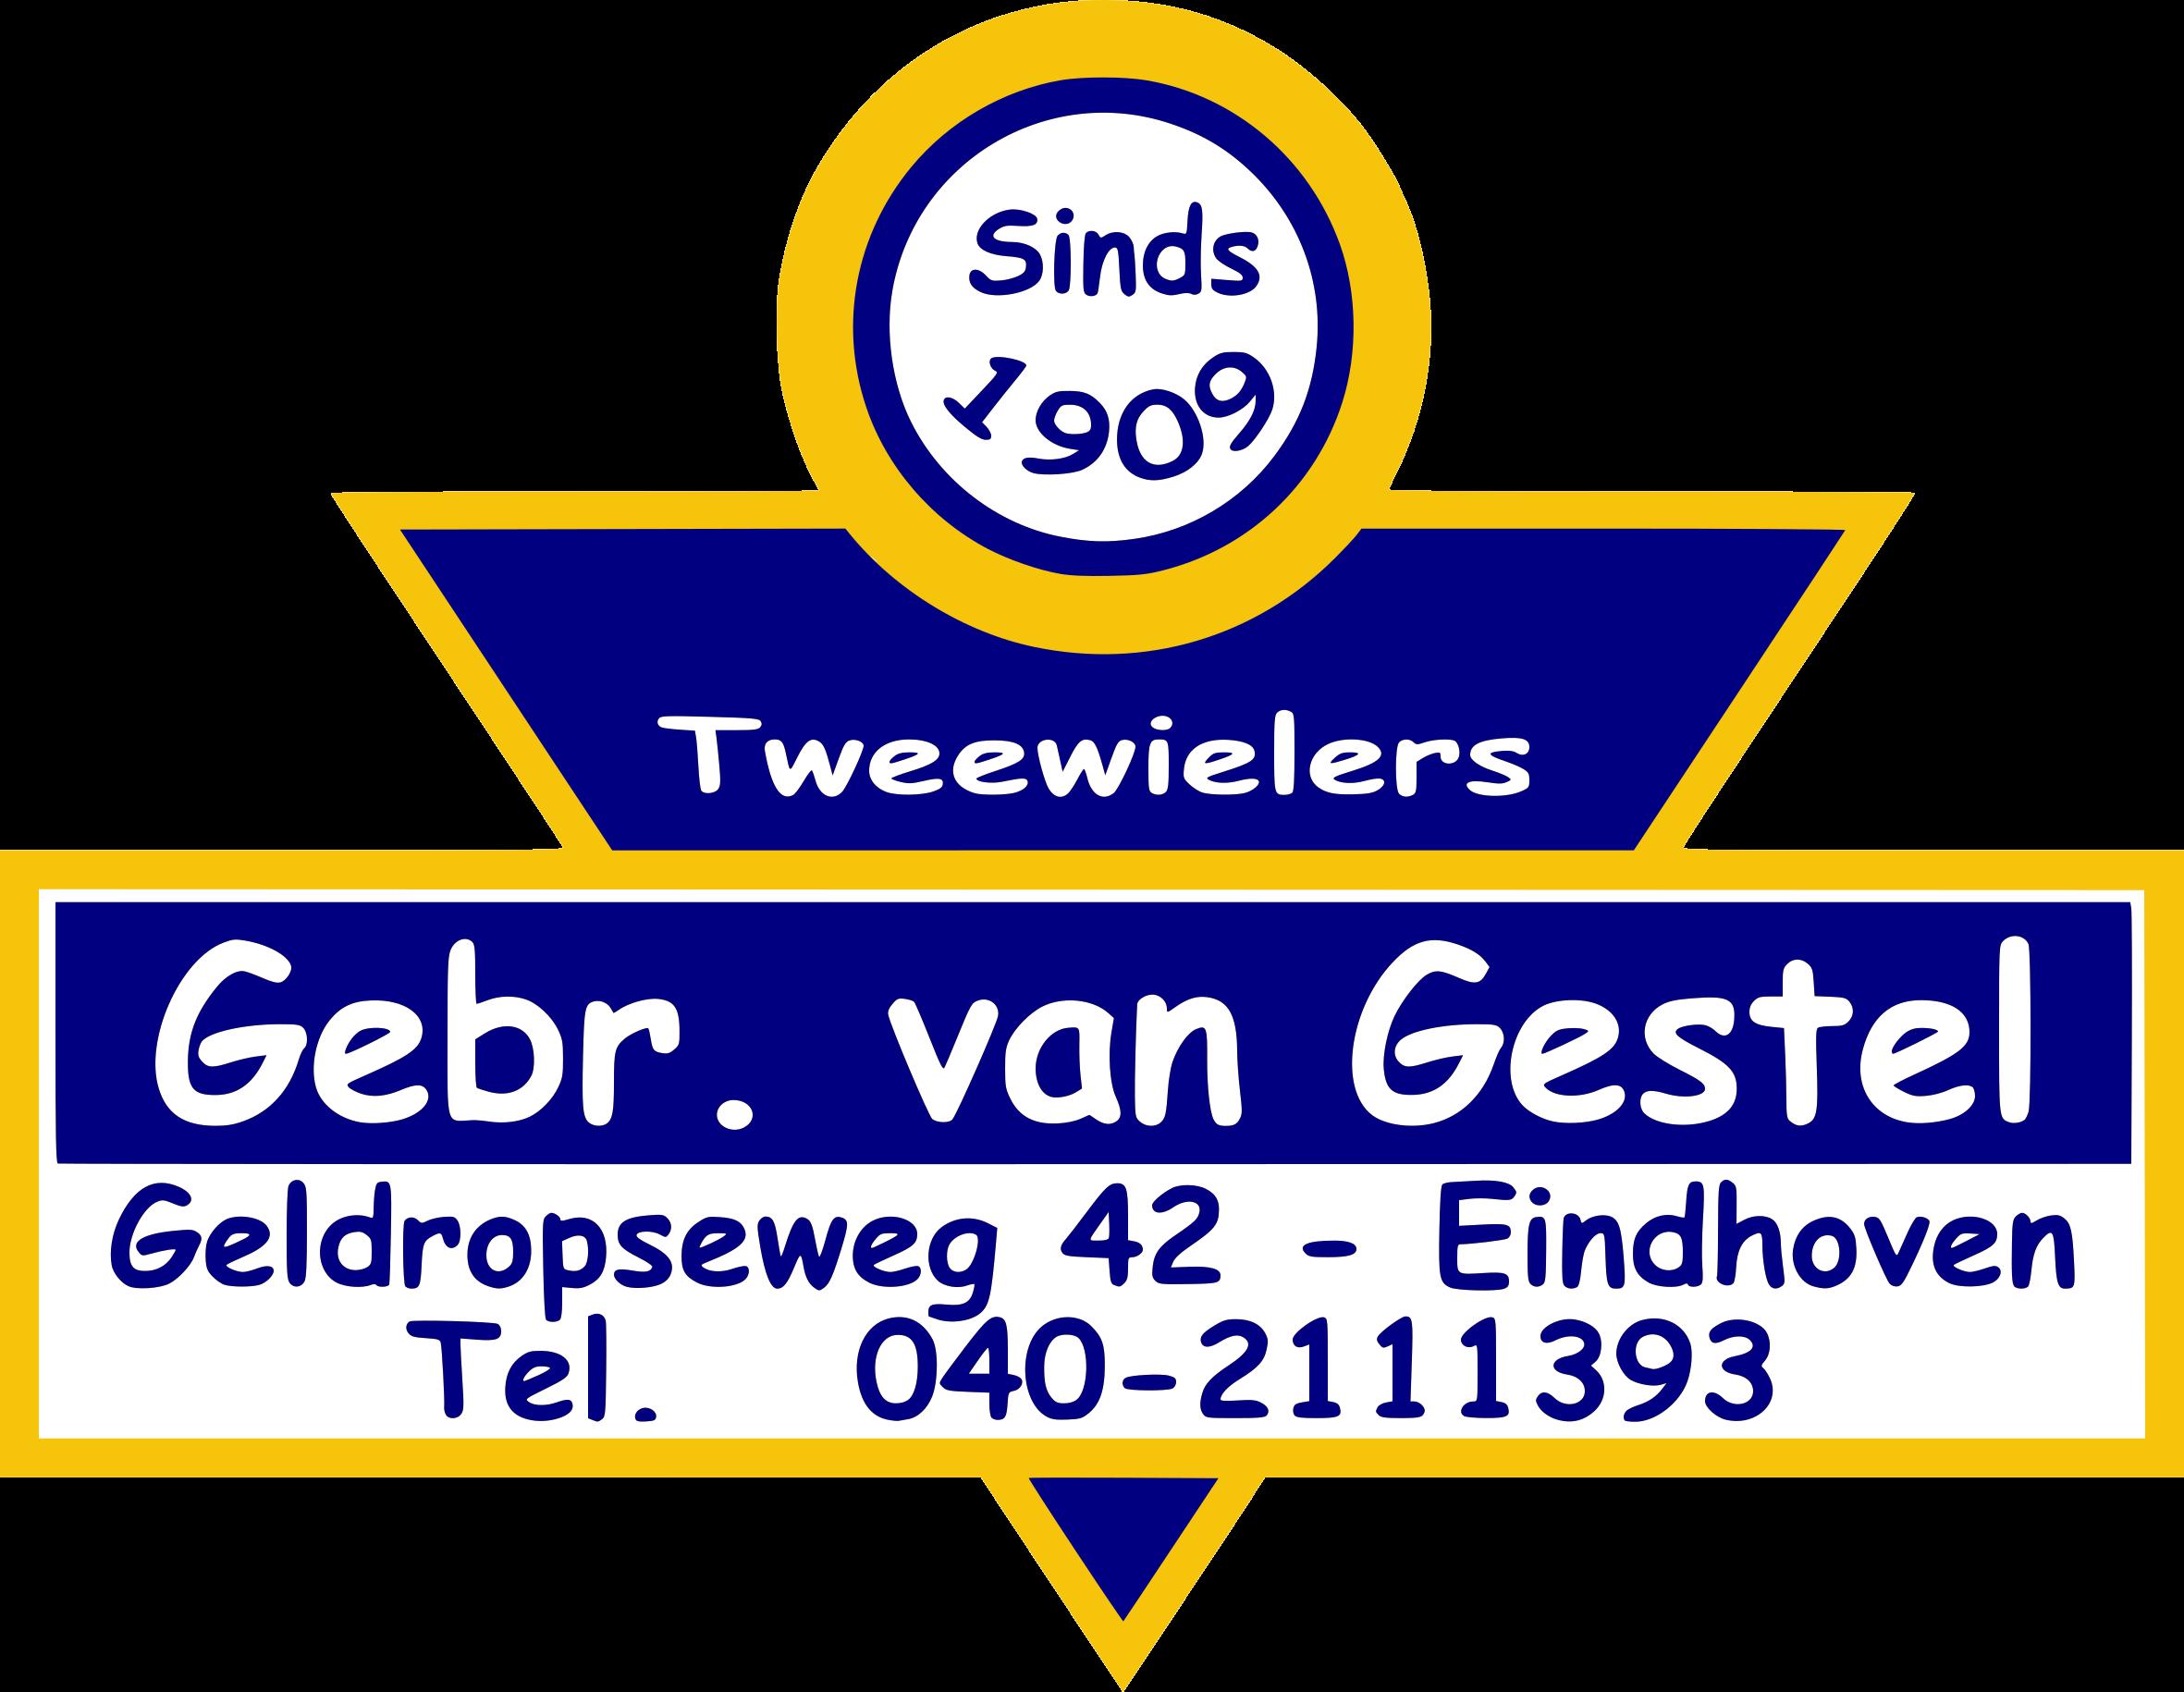 van Gestel tweewieler-techniek logo